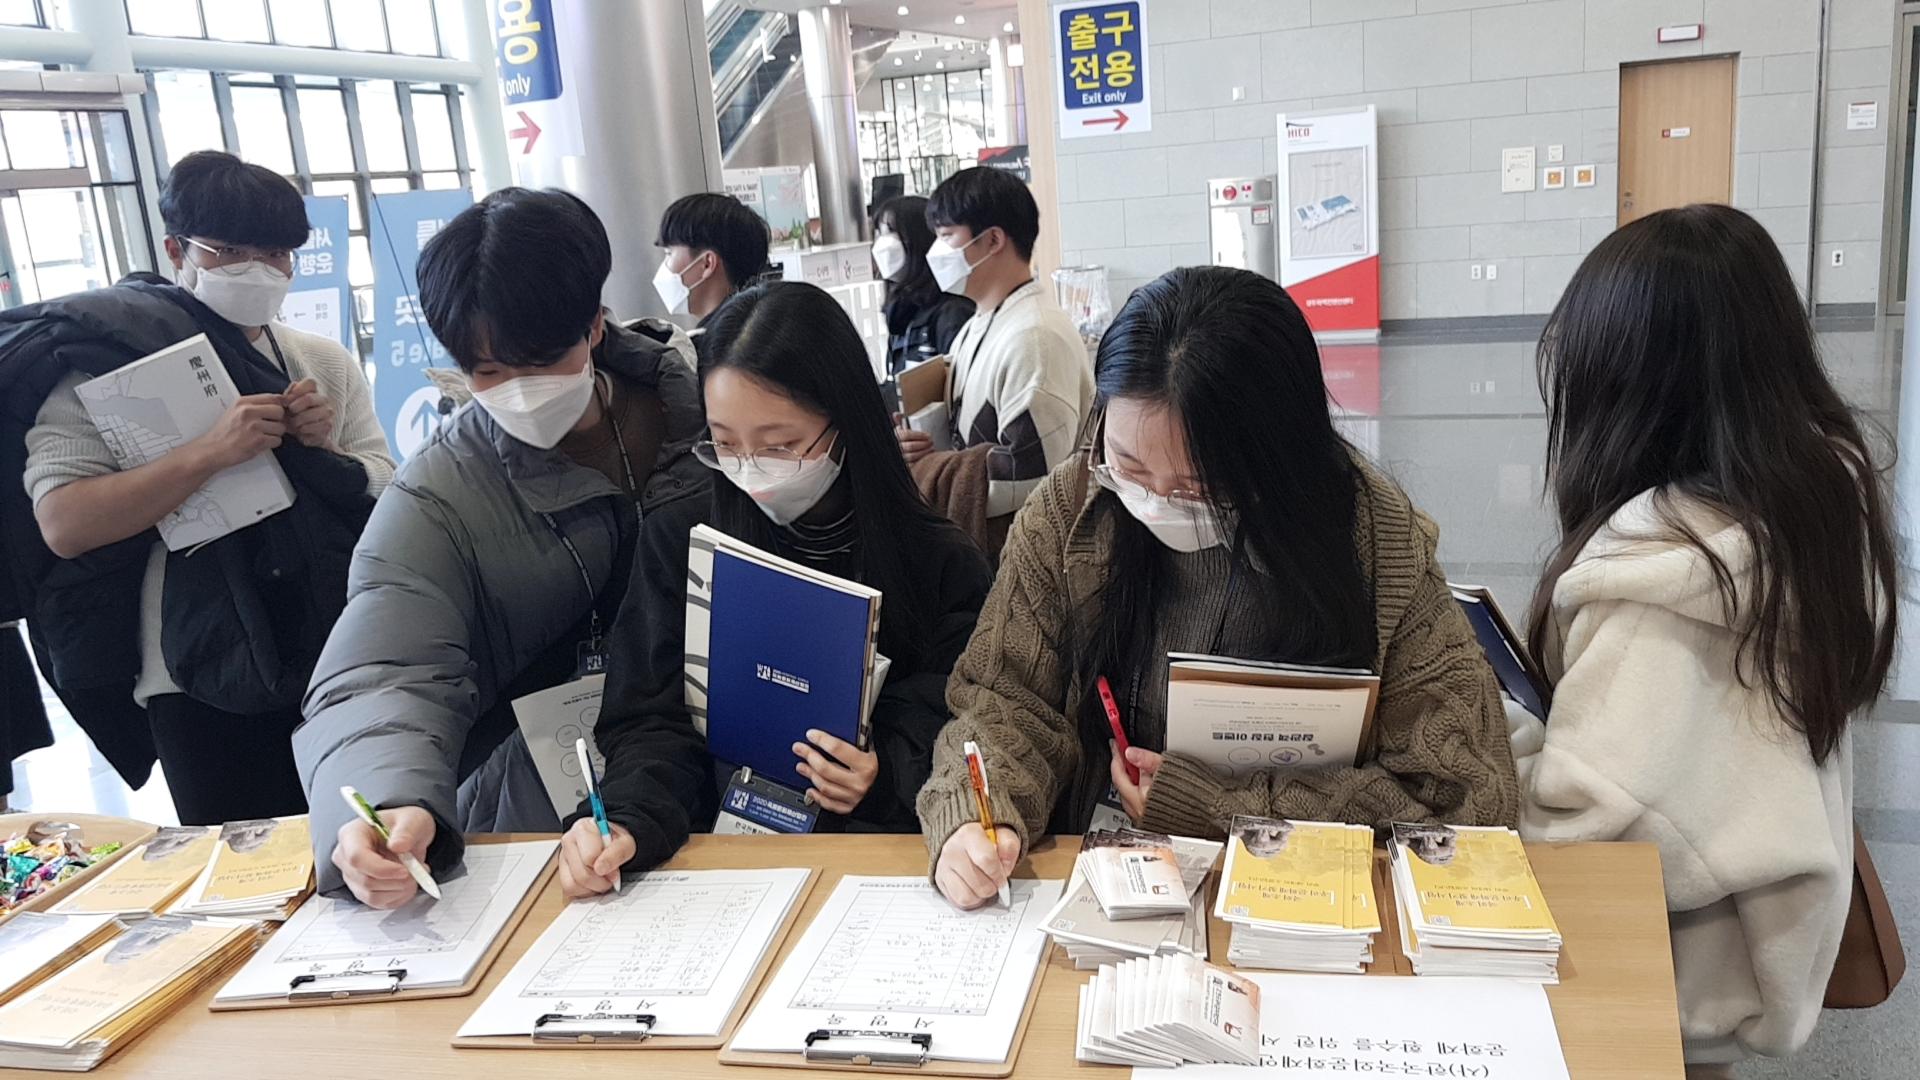 11월 경주 국제 문화재산업전 범국민 홍보 활동